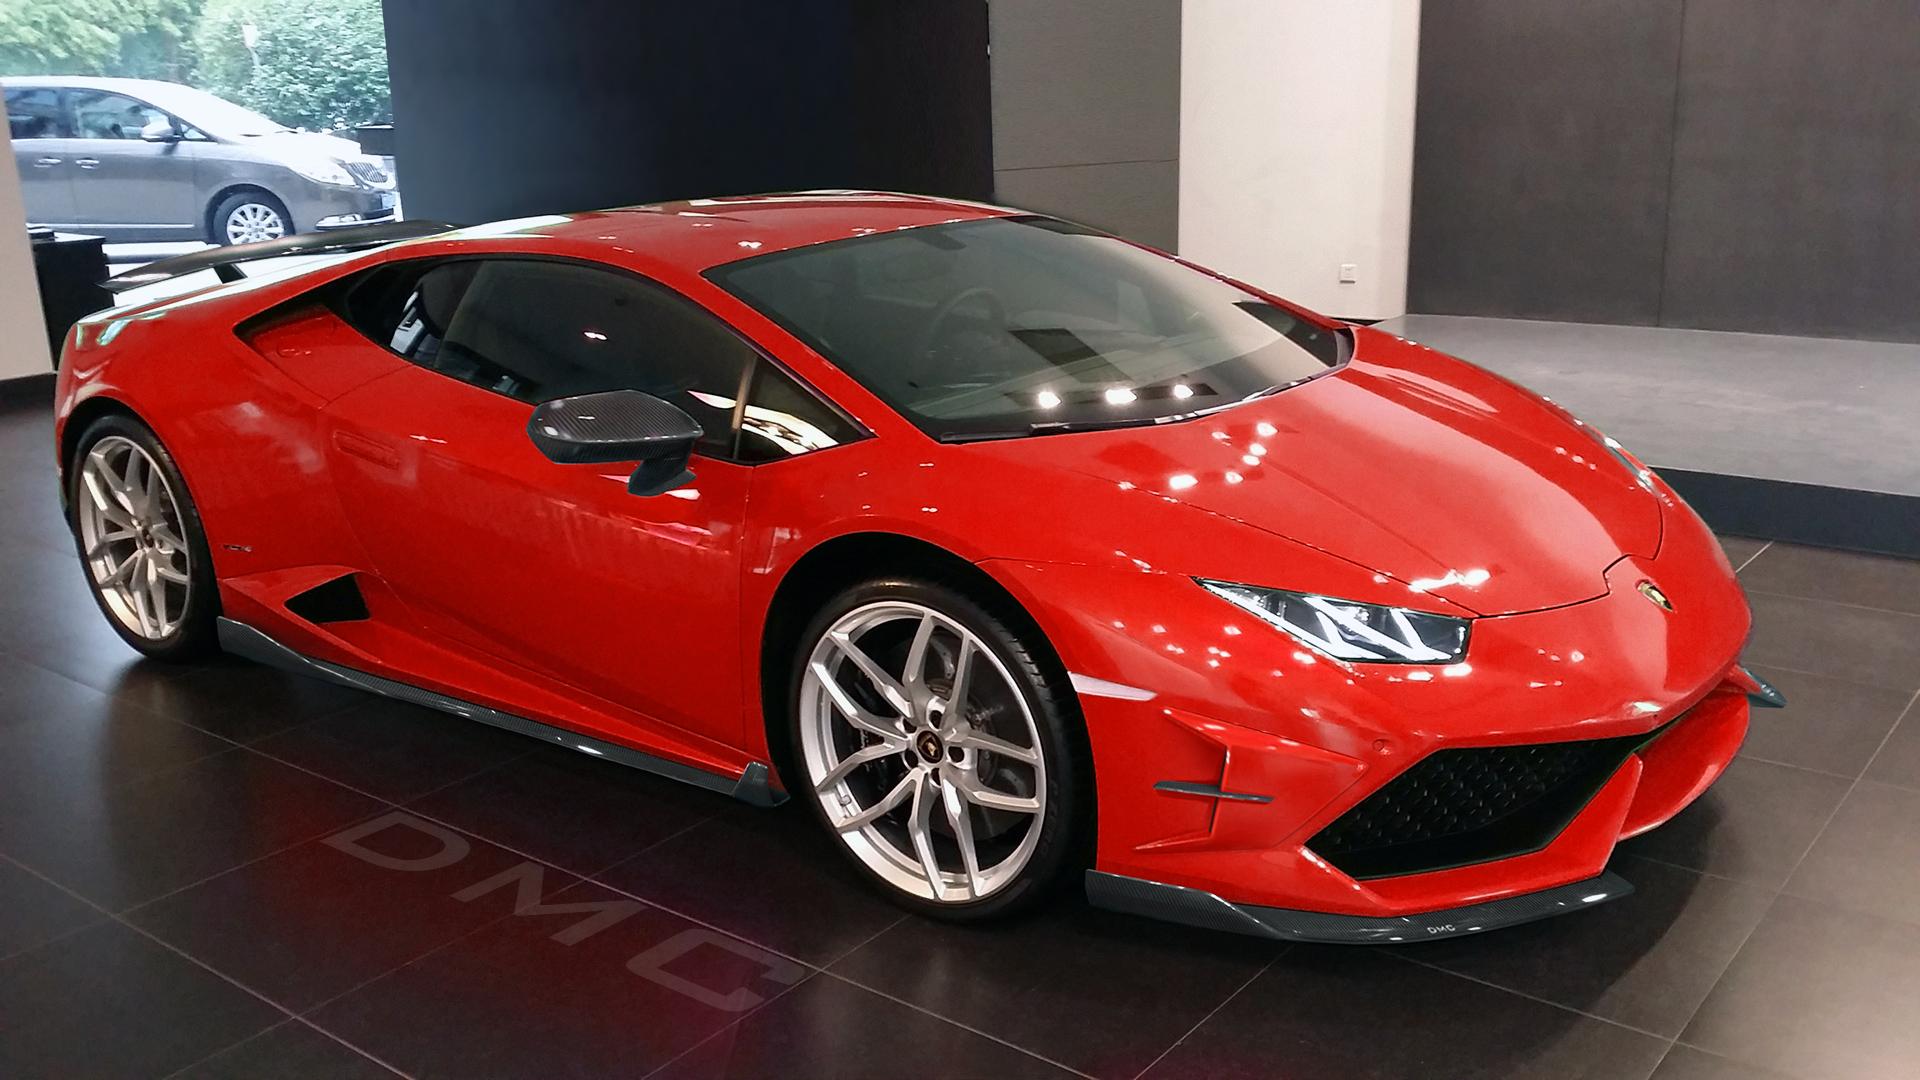 Oldest Lamborghini Ever >> DMC Luxury shows the Lamborghini Huracán LP610-4 Affari